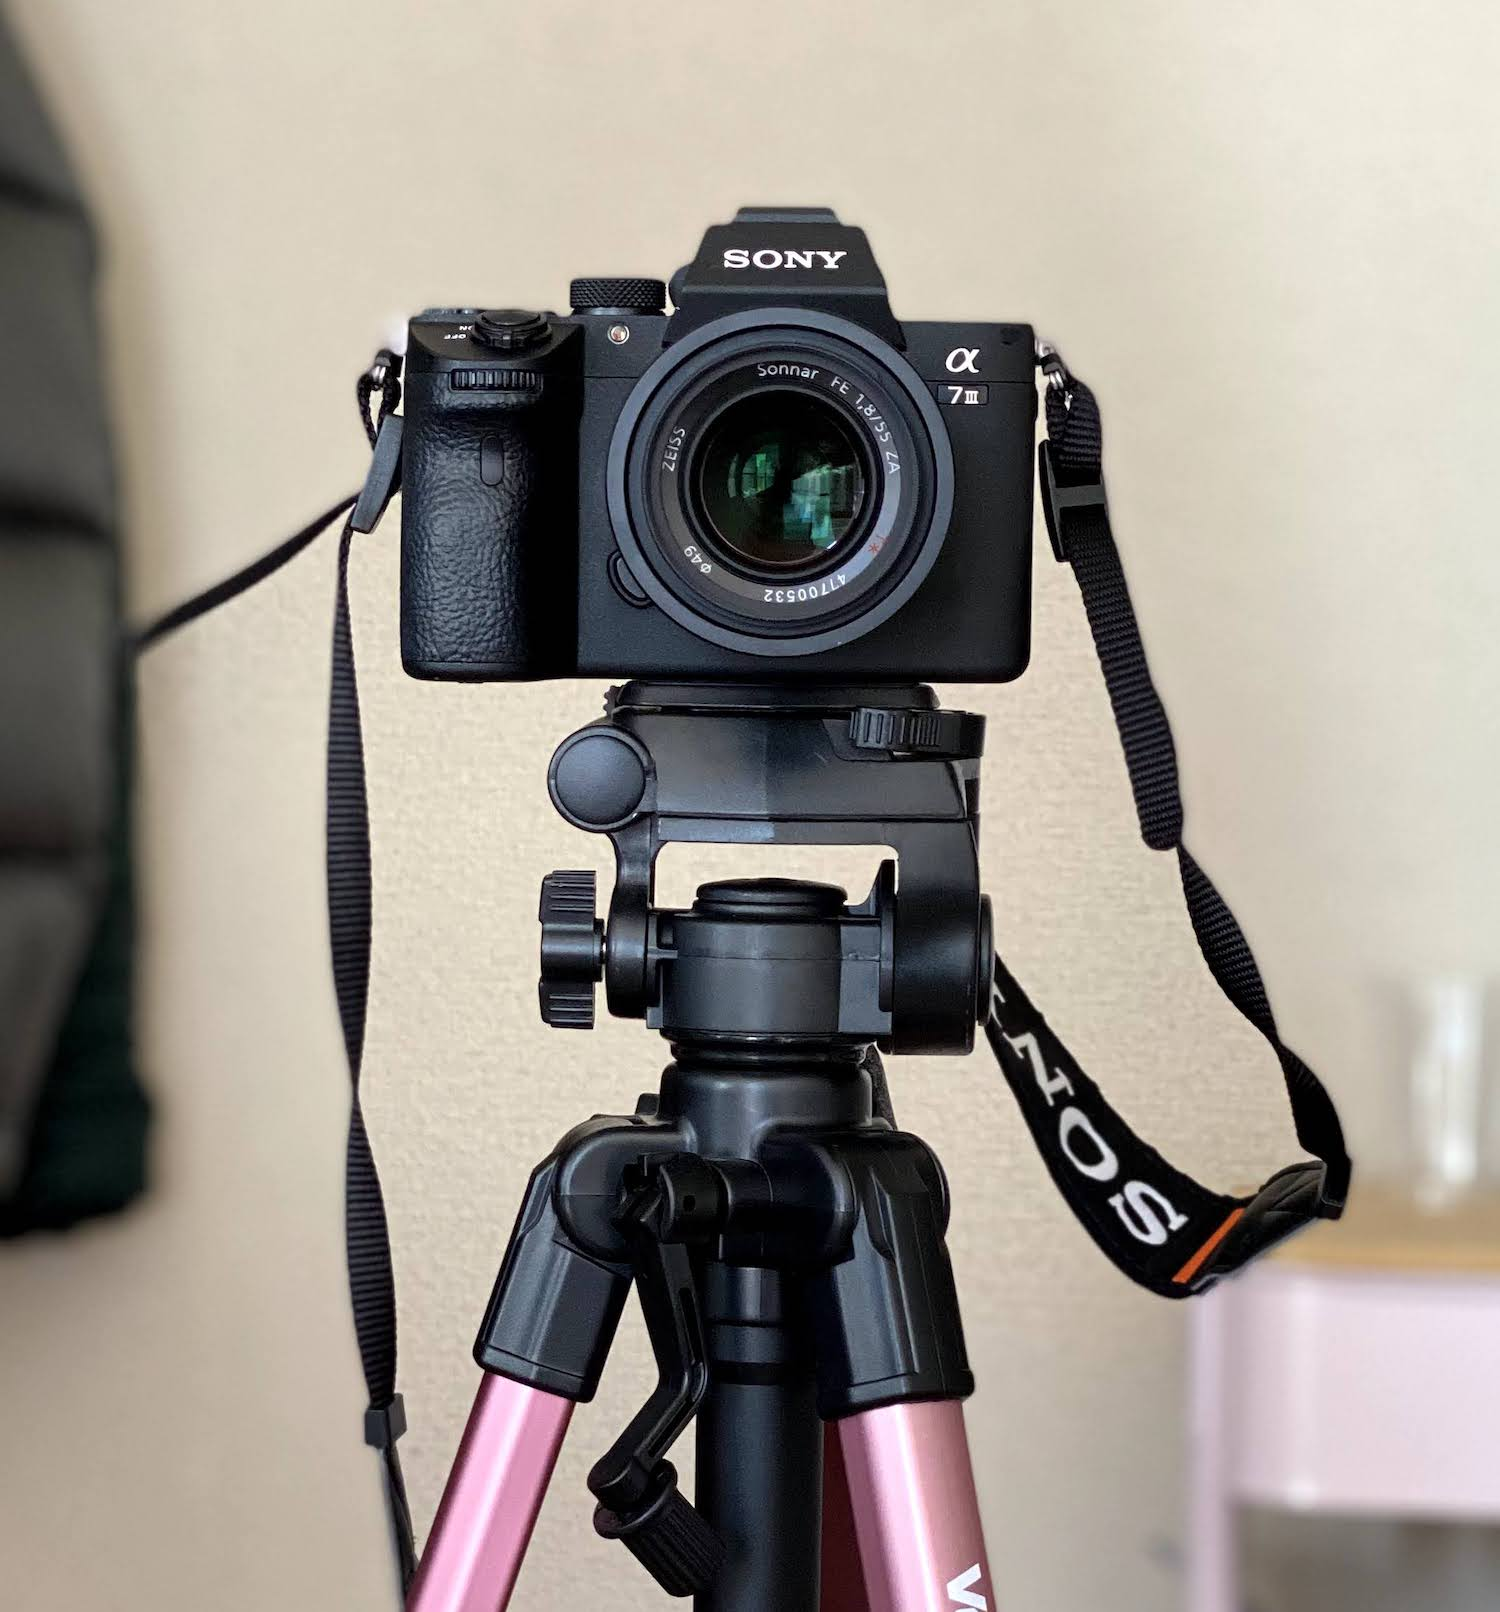 SONY α7ⅲに装着したZEISSの単焦点レンズ(Sonnar T* FE 55mm F1.8 ZA Eマウント35mmフルサイズ対応 SEL55F18Z)2021年4月30日/撮影:SHUN